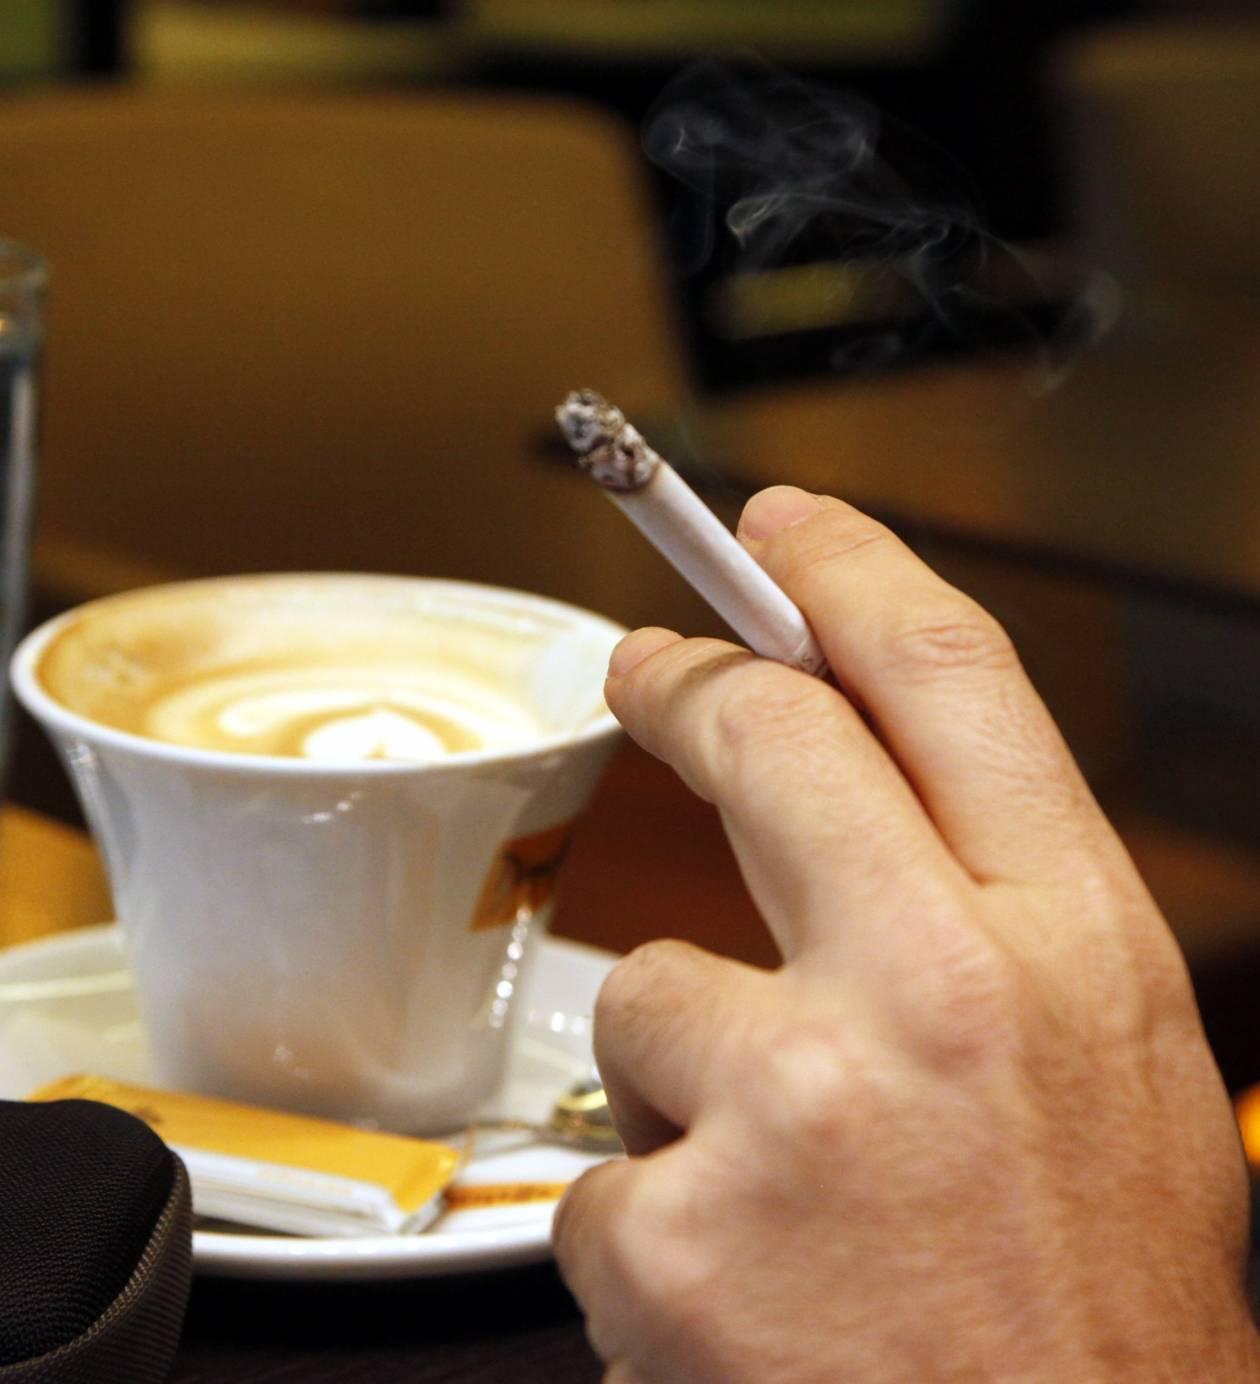 Διάλειμμα για ένα τσιγάρο…